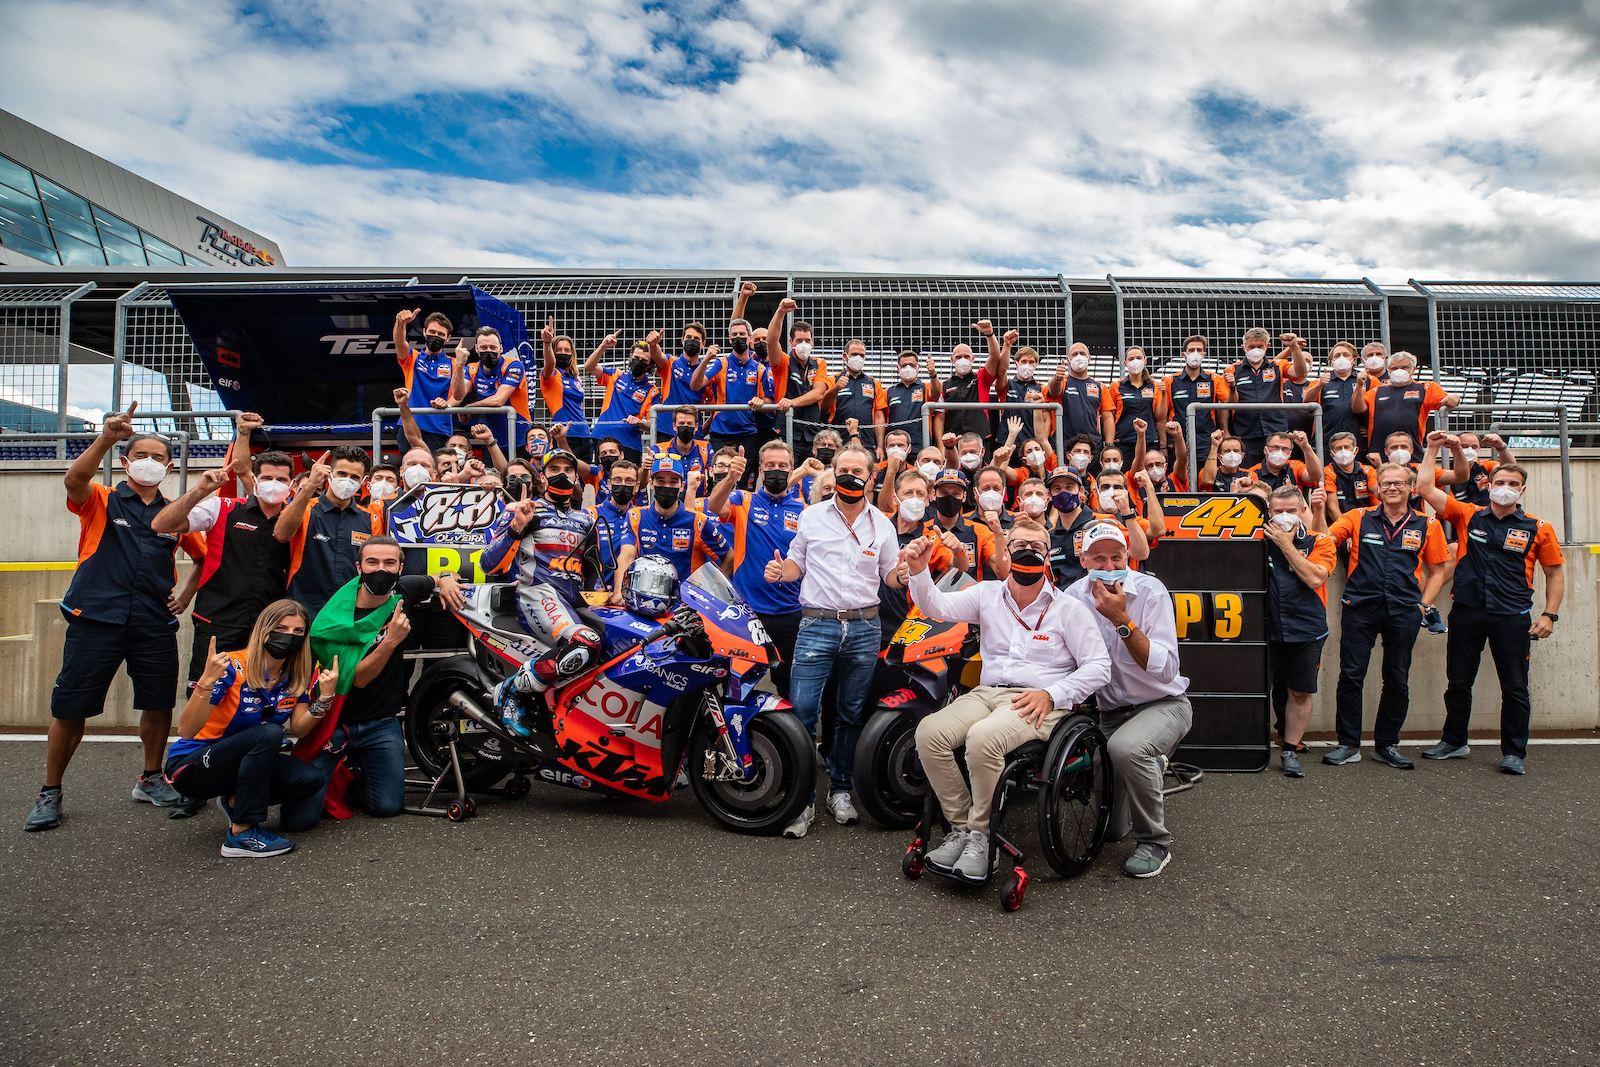 KTM ピット・バイラー「将来的にVR46にKTMのバイクを供給することも考えている」